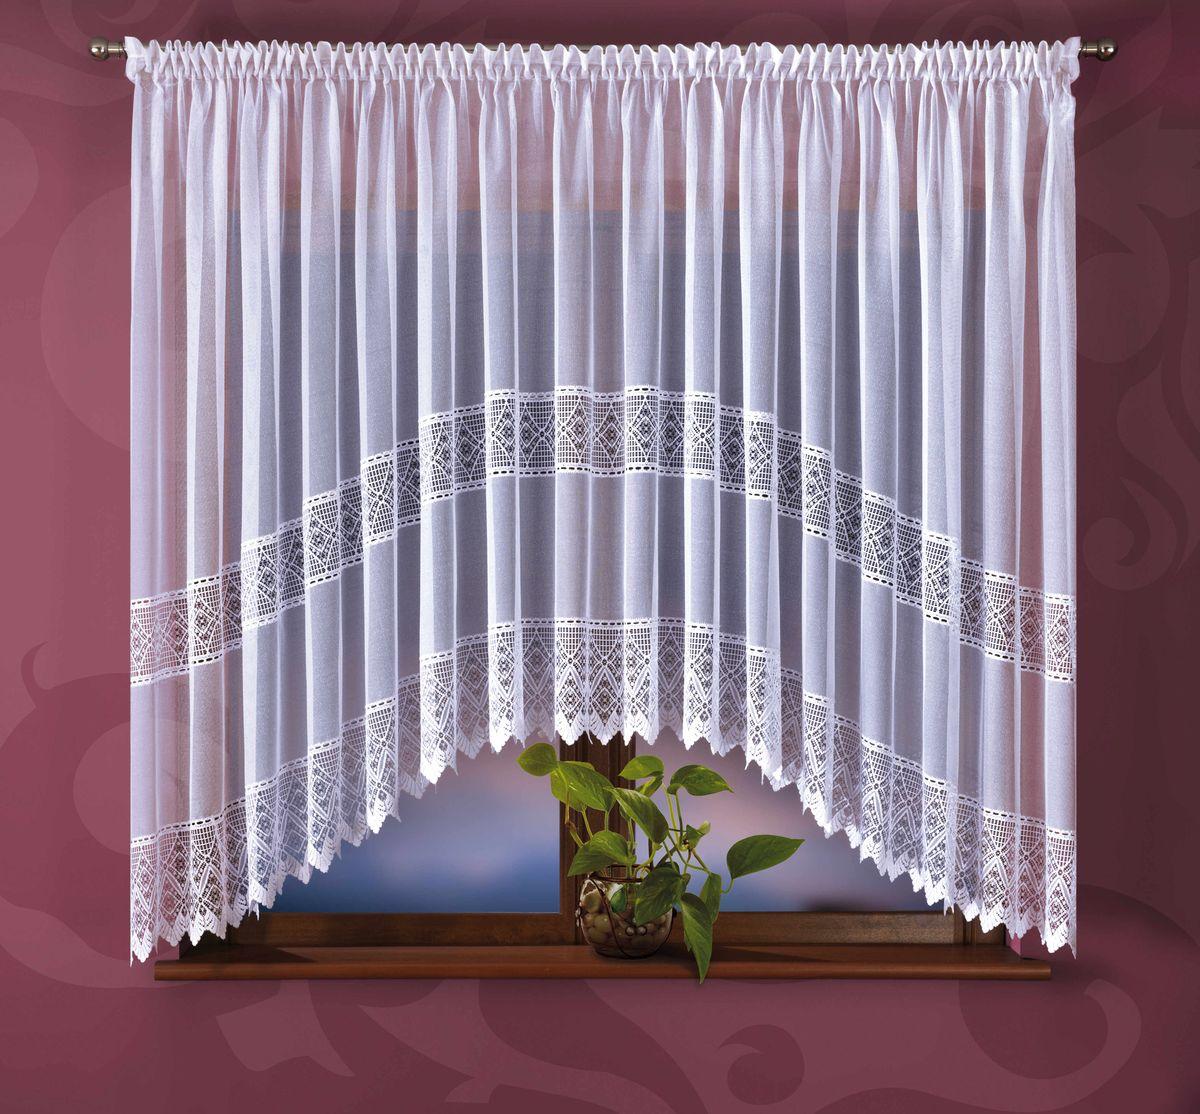 Гардина Wisan Areta, на ленте, цвет: белый, высота 180 смE355Воздушная гардина Wisan Areta, изготовленная из полиэстера, станет великолепным украшением любого окна. Изделие оформлено оригинальным орнаментом, который привлечет к себе внимание и органично впишется в интерьер комнаты. Оригинальное оформление гардины внесет разнообразие и подарит заряд положительного настроения. Гардина оснащена шторной лентой для крепления на карниз.